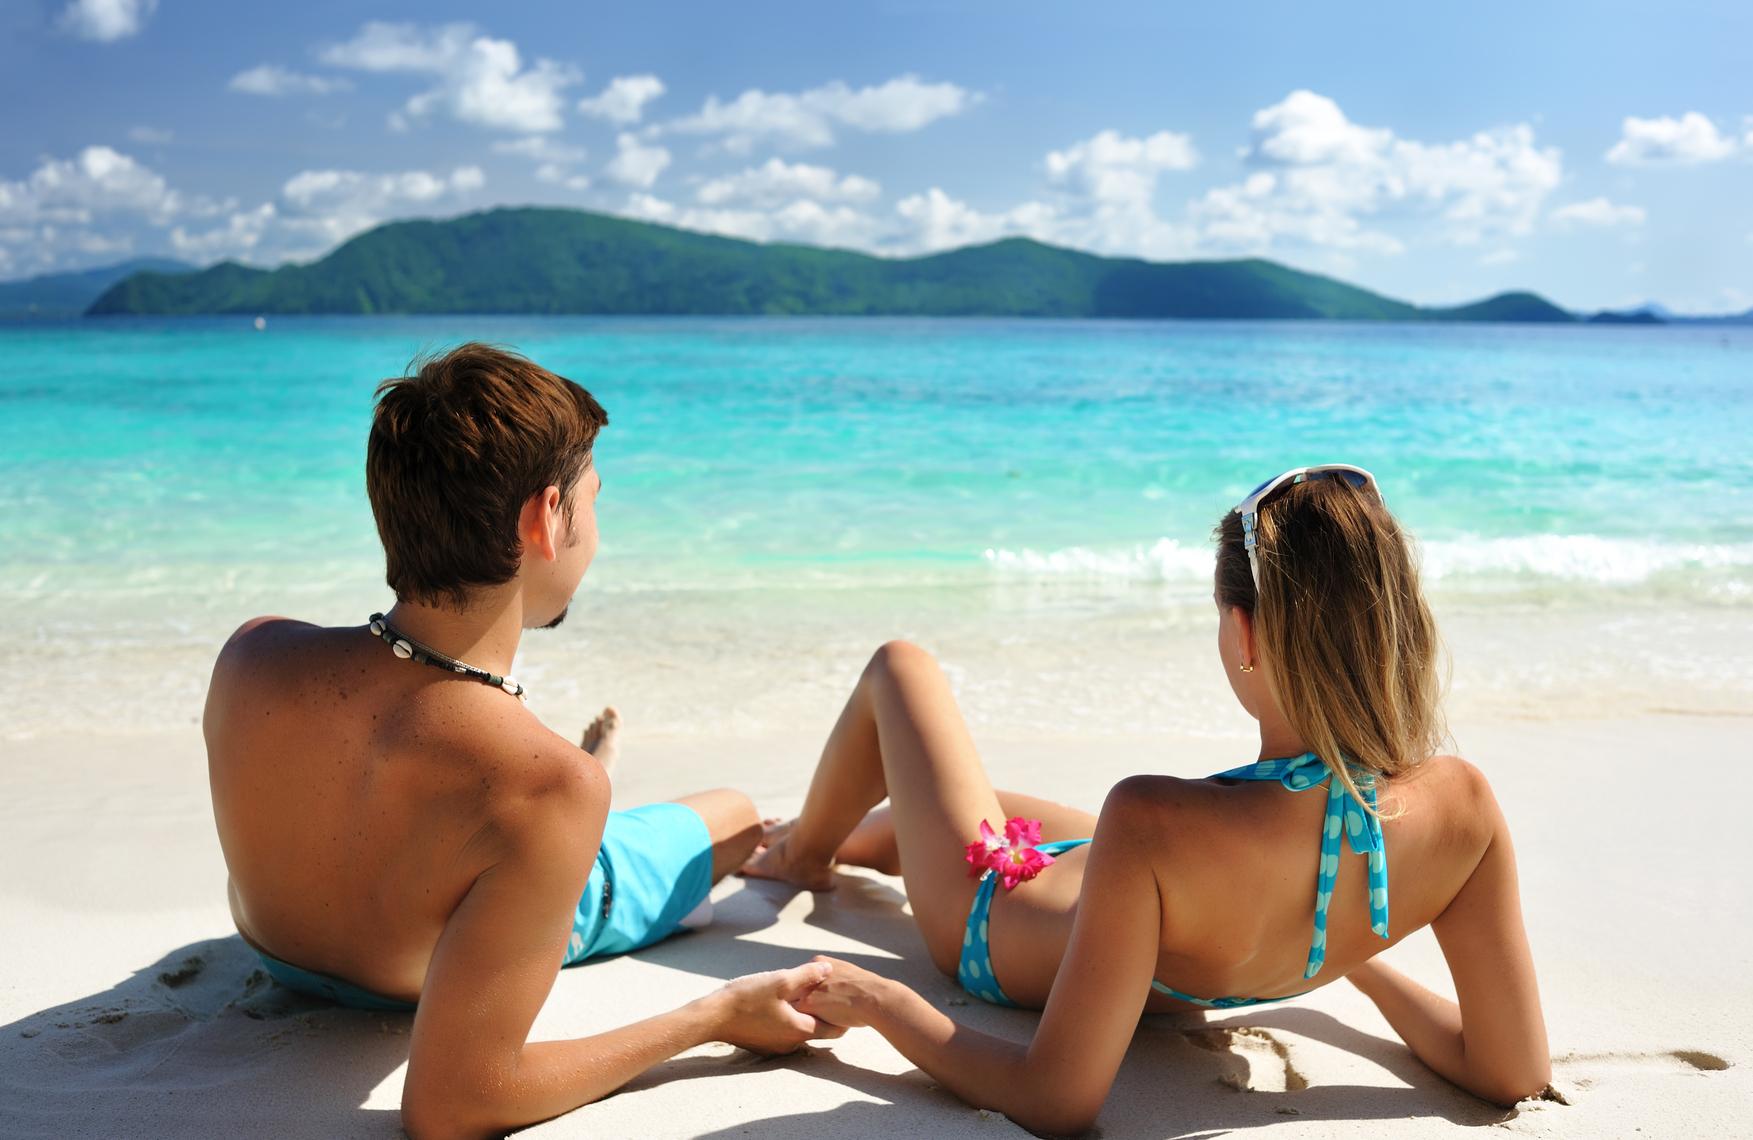 Альтернатива спа-процедурам - совместная путевка в один из райских уголков планеты